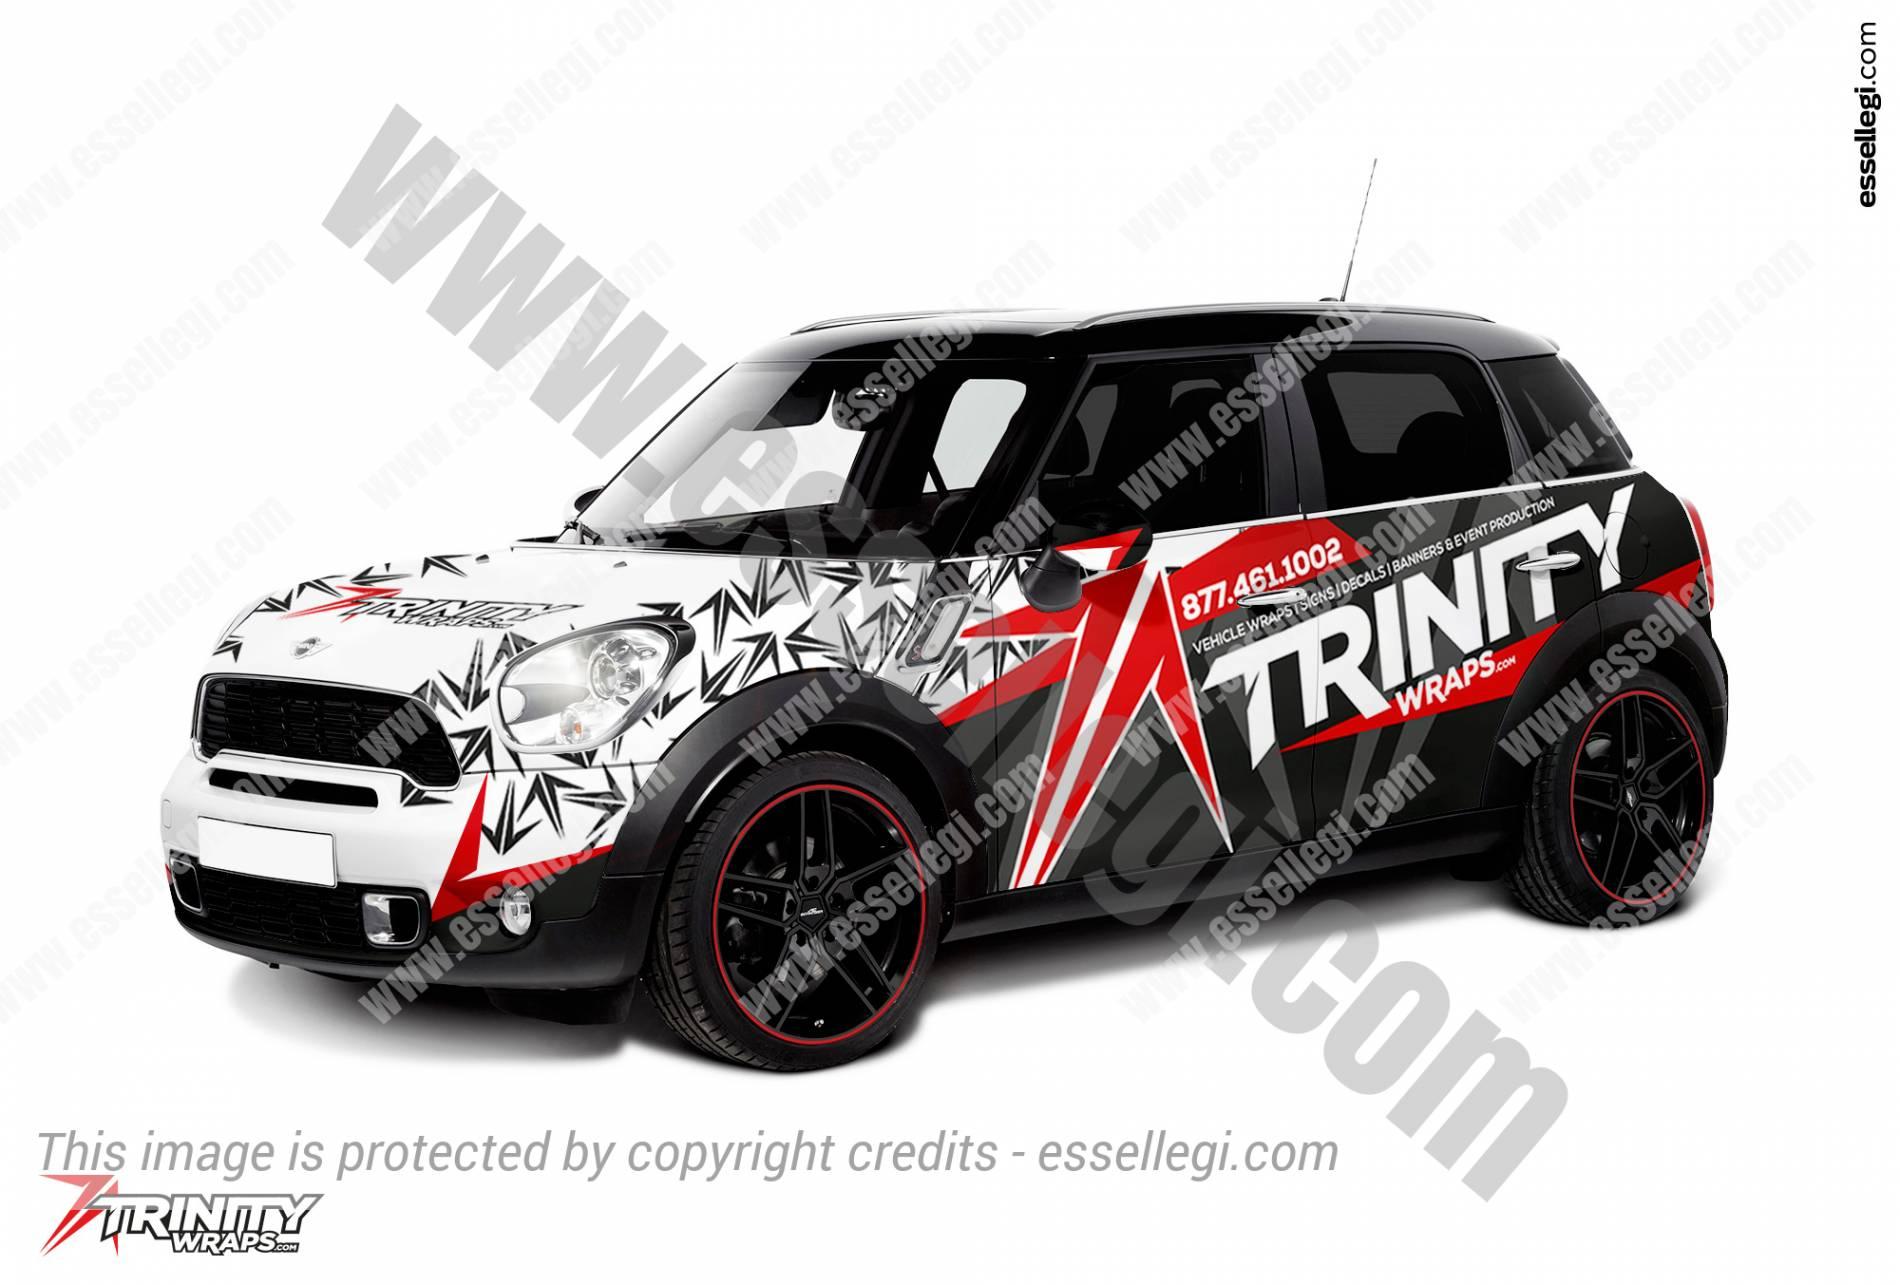 MINI COOPER COUNTRYMAN CAR WRAP DESIGN BY ESSELLEGI - Car signwriting